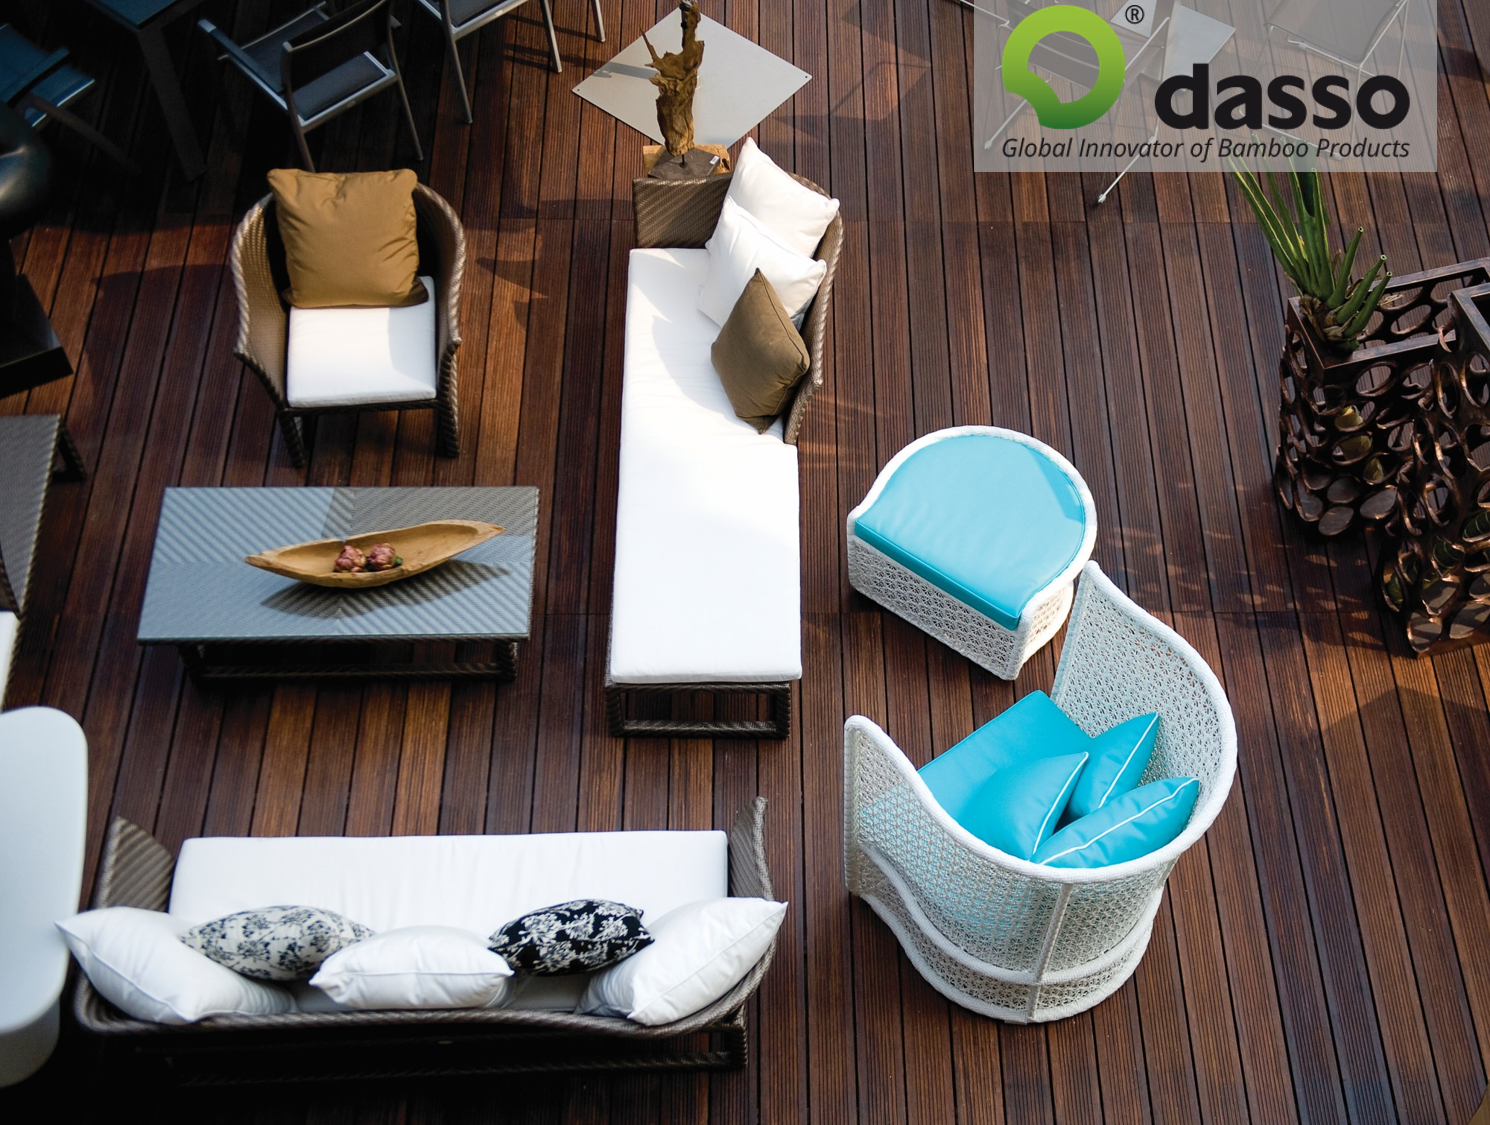 Image Dasso